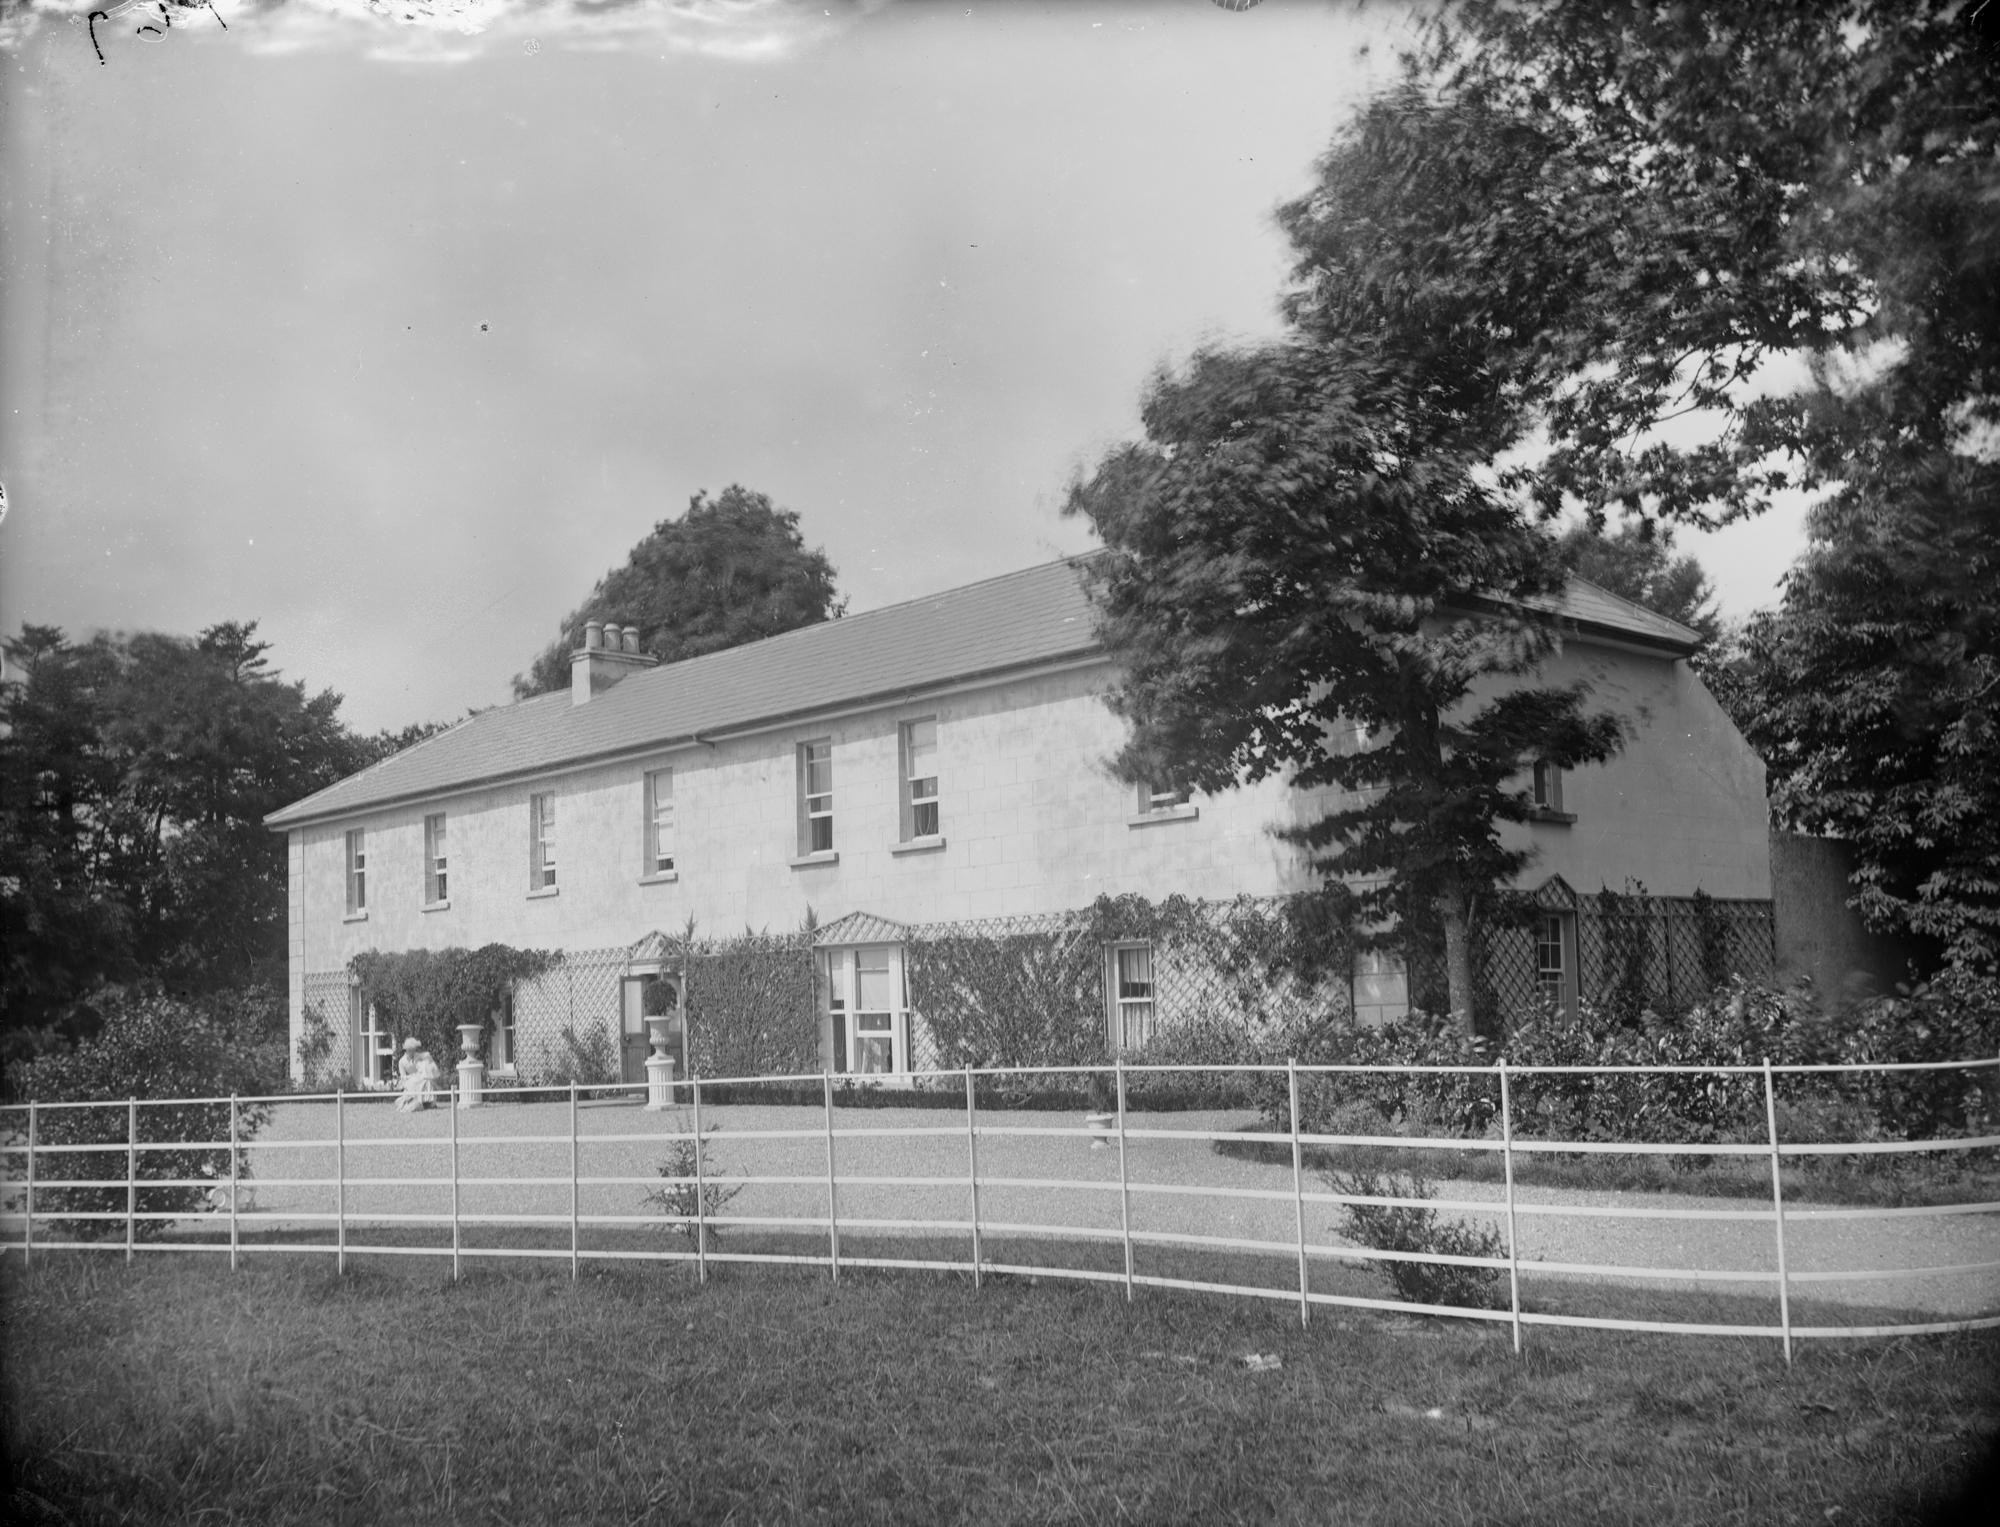 Mr. Duffin's house, Larkfield, Ferrybank